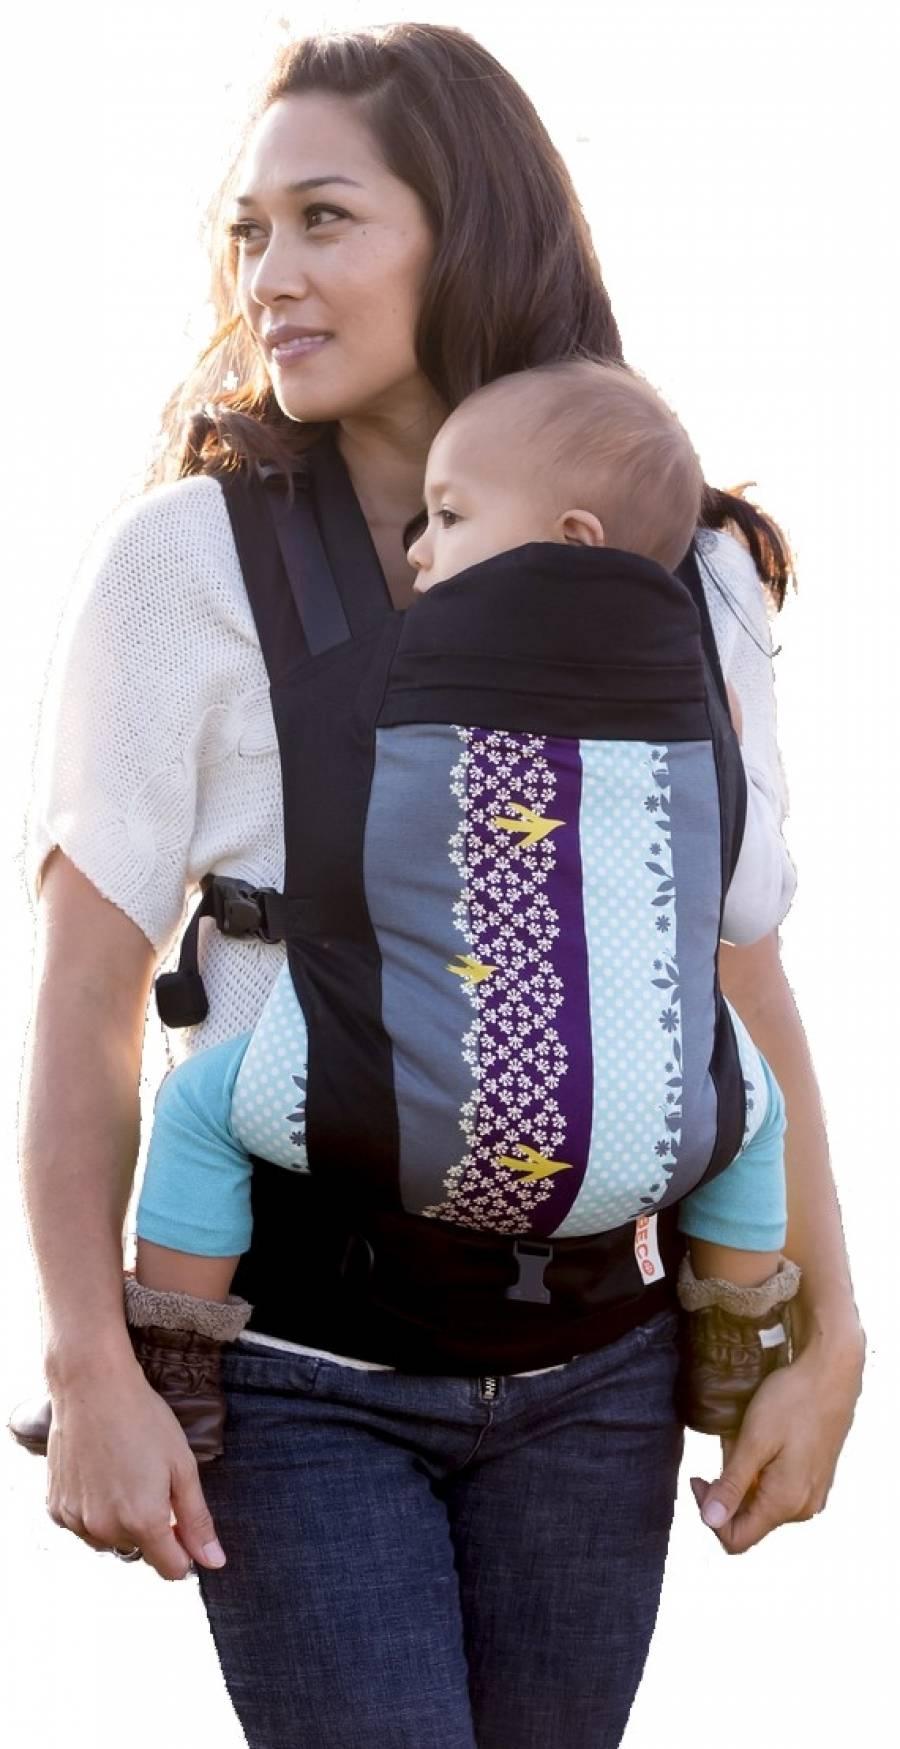 Soleil Baby Carrier (ab Geburt mit Zubehör Säuglingseinsatz, ab ca. 6 Monate -ohne-) *Luca Black*